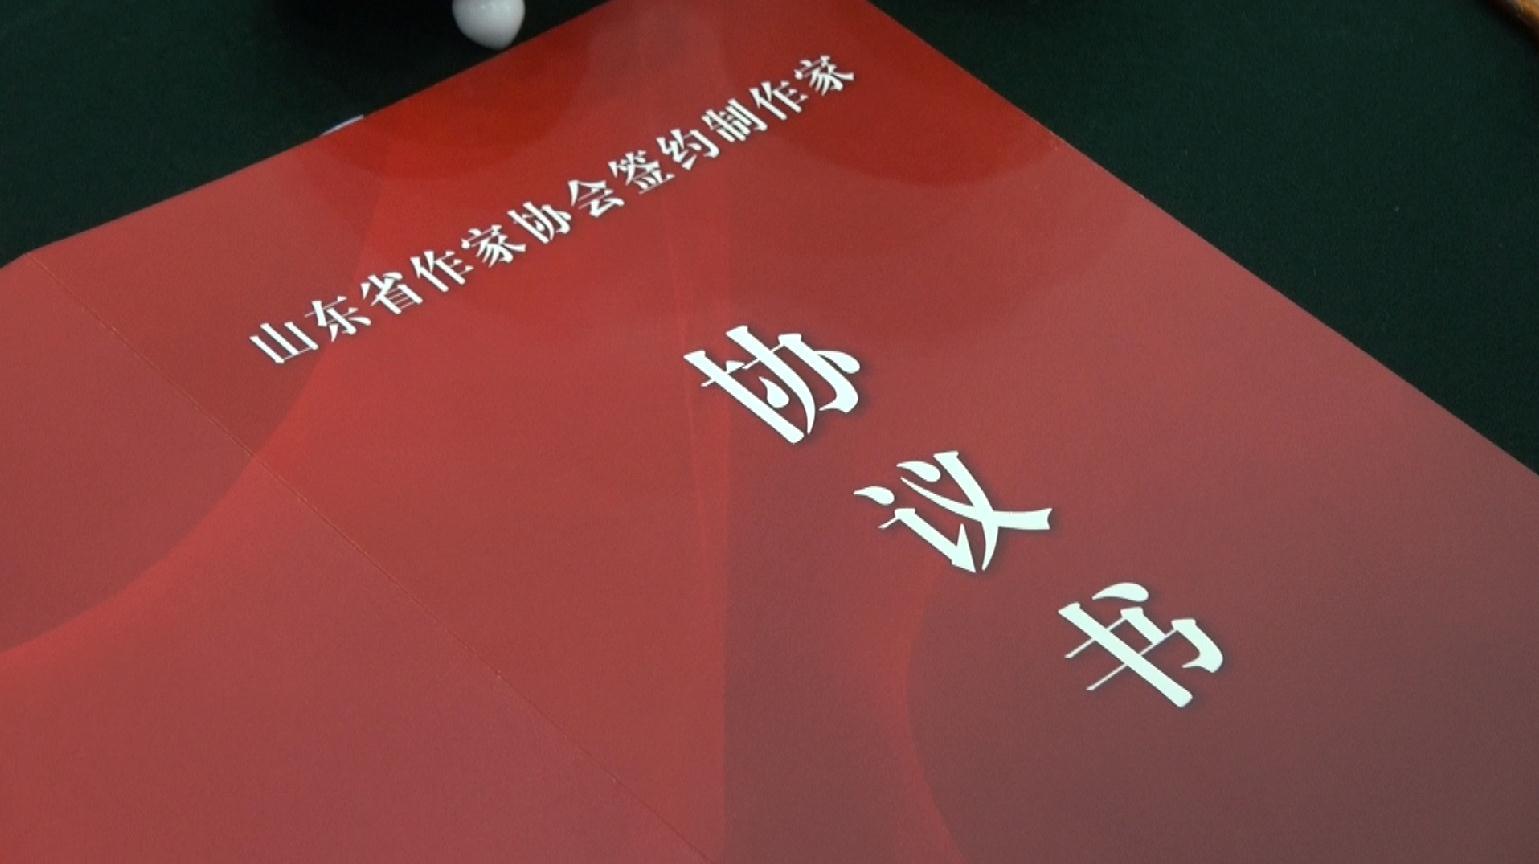 88秒|山东省作协签约30位作家 女性作家占据半壁江山